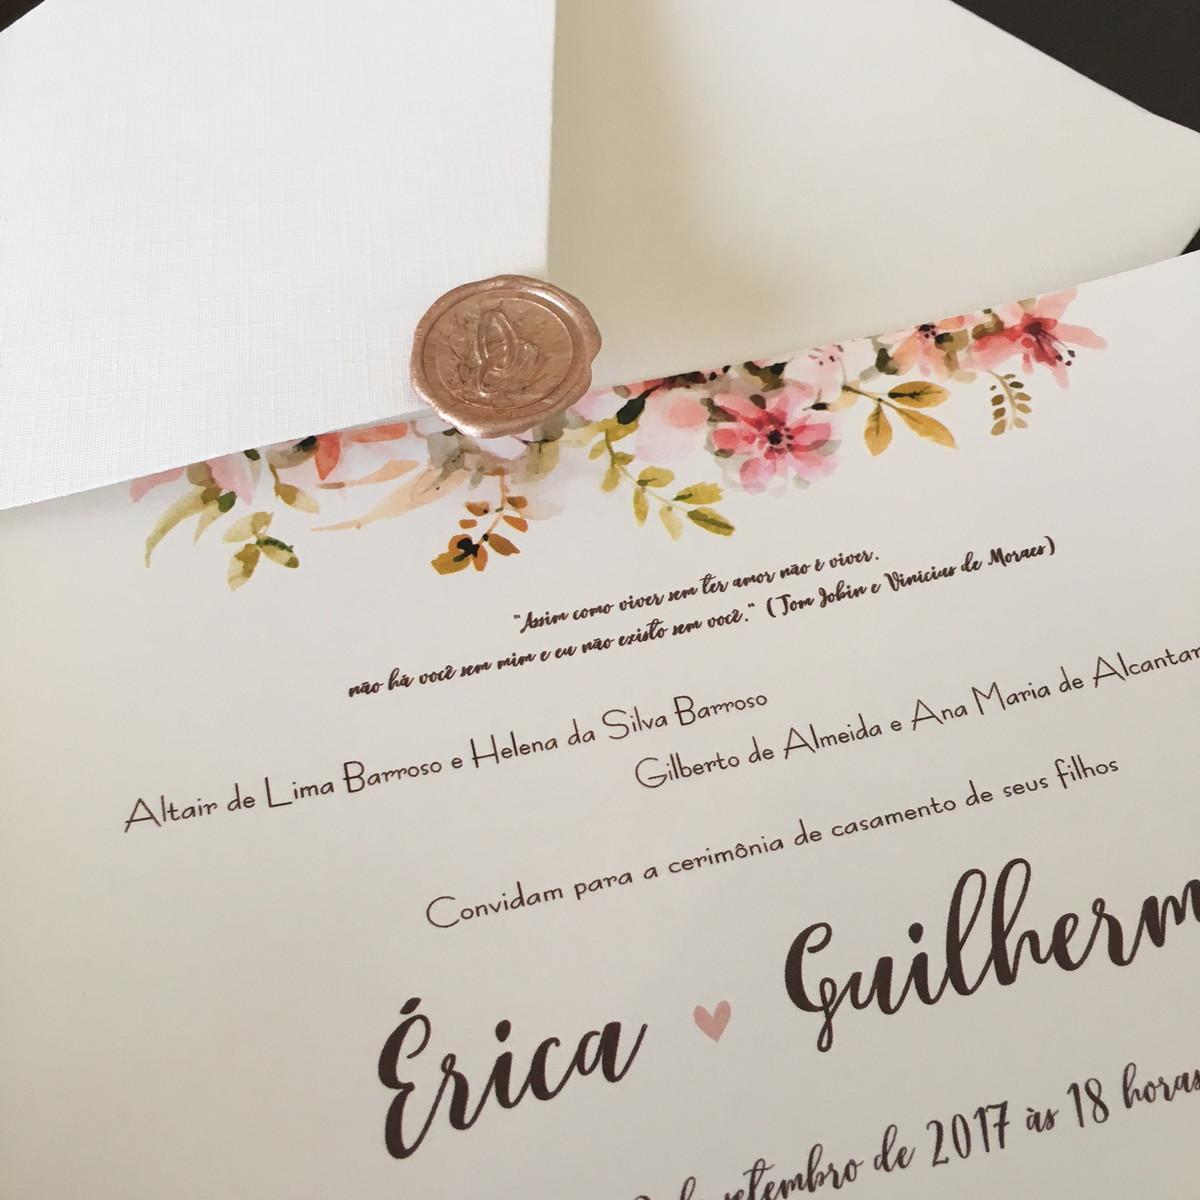 Convite érica E Guilherme Lacre De Cera No Elo7 Camila Garcia